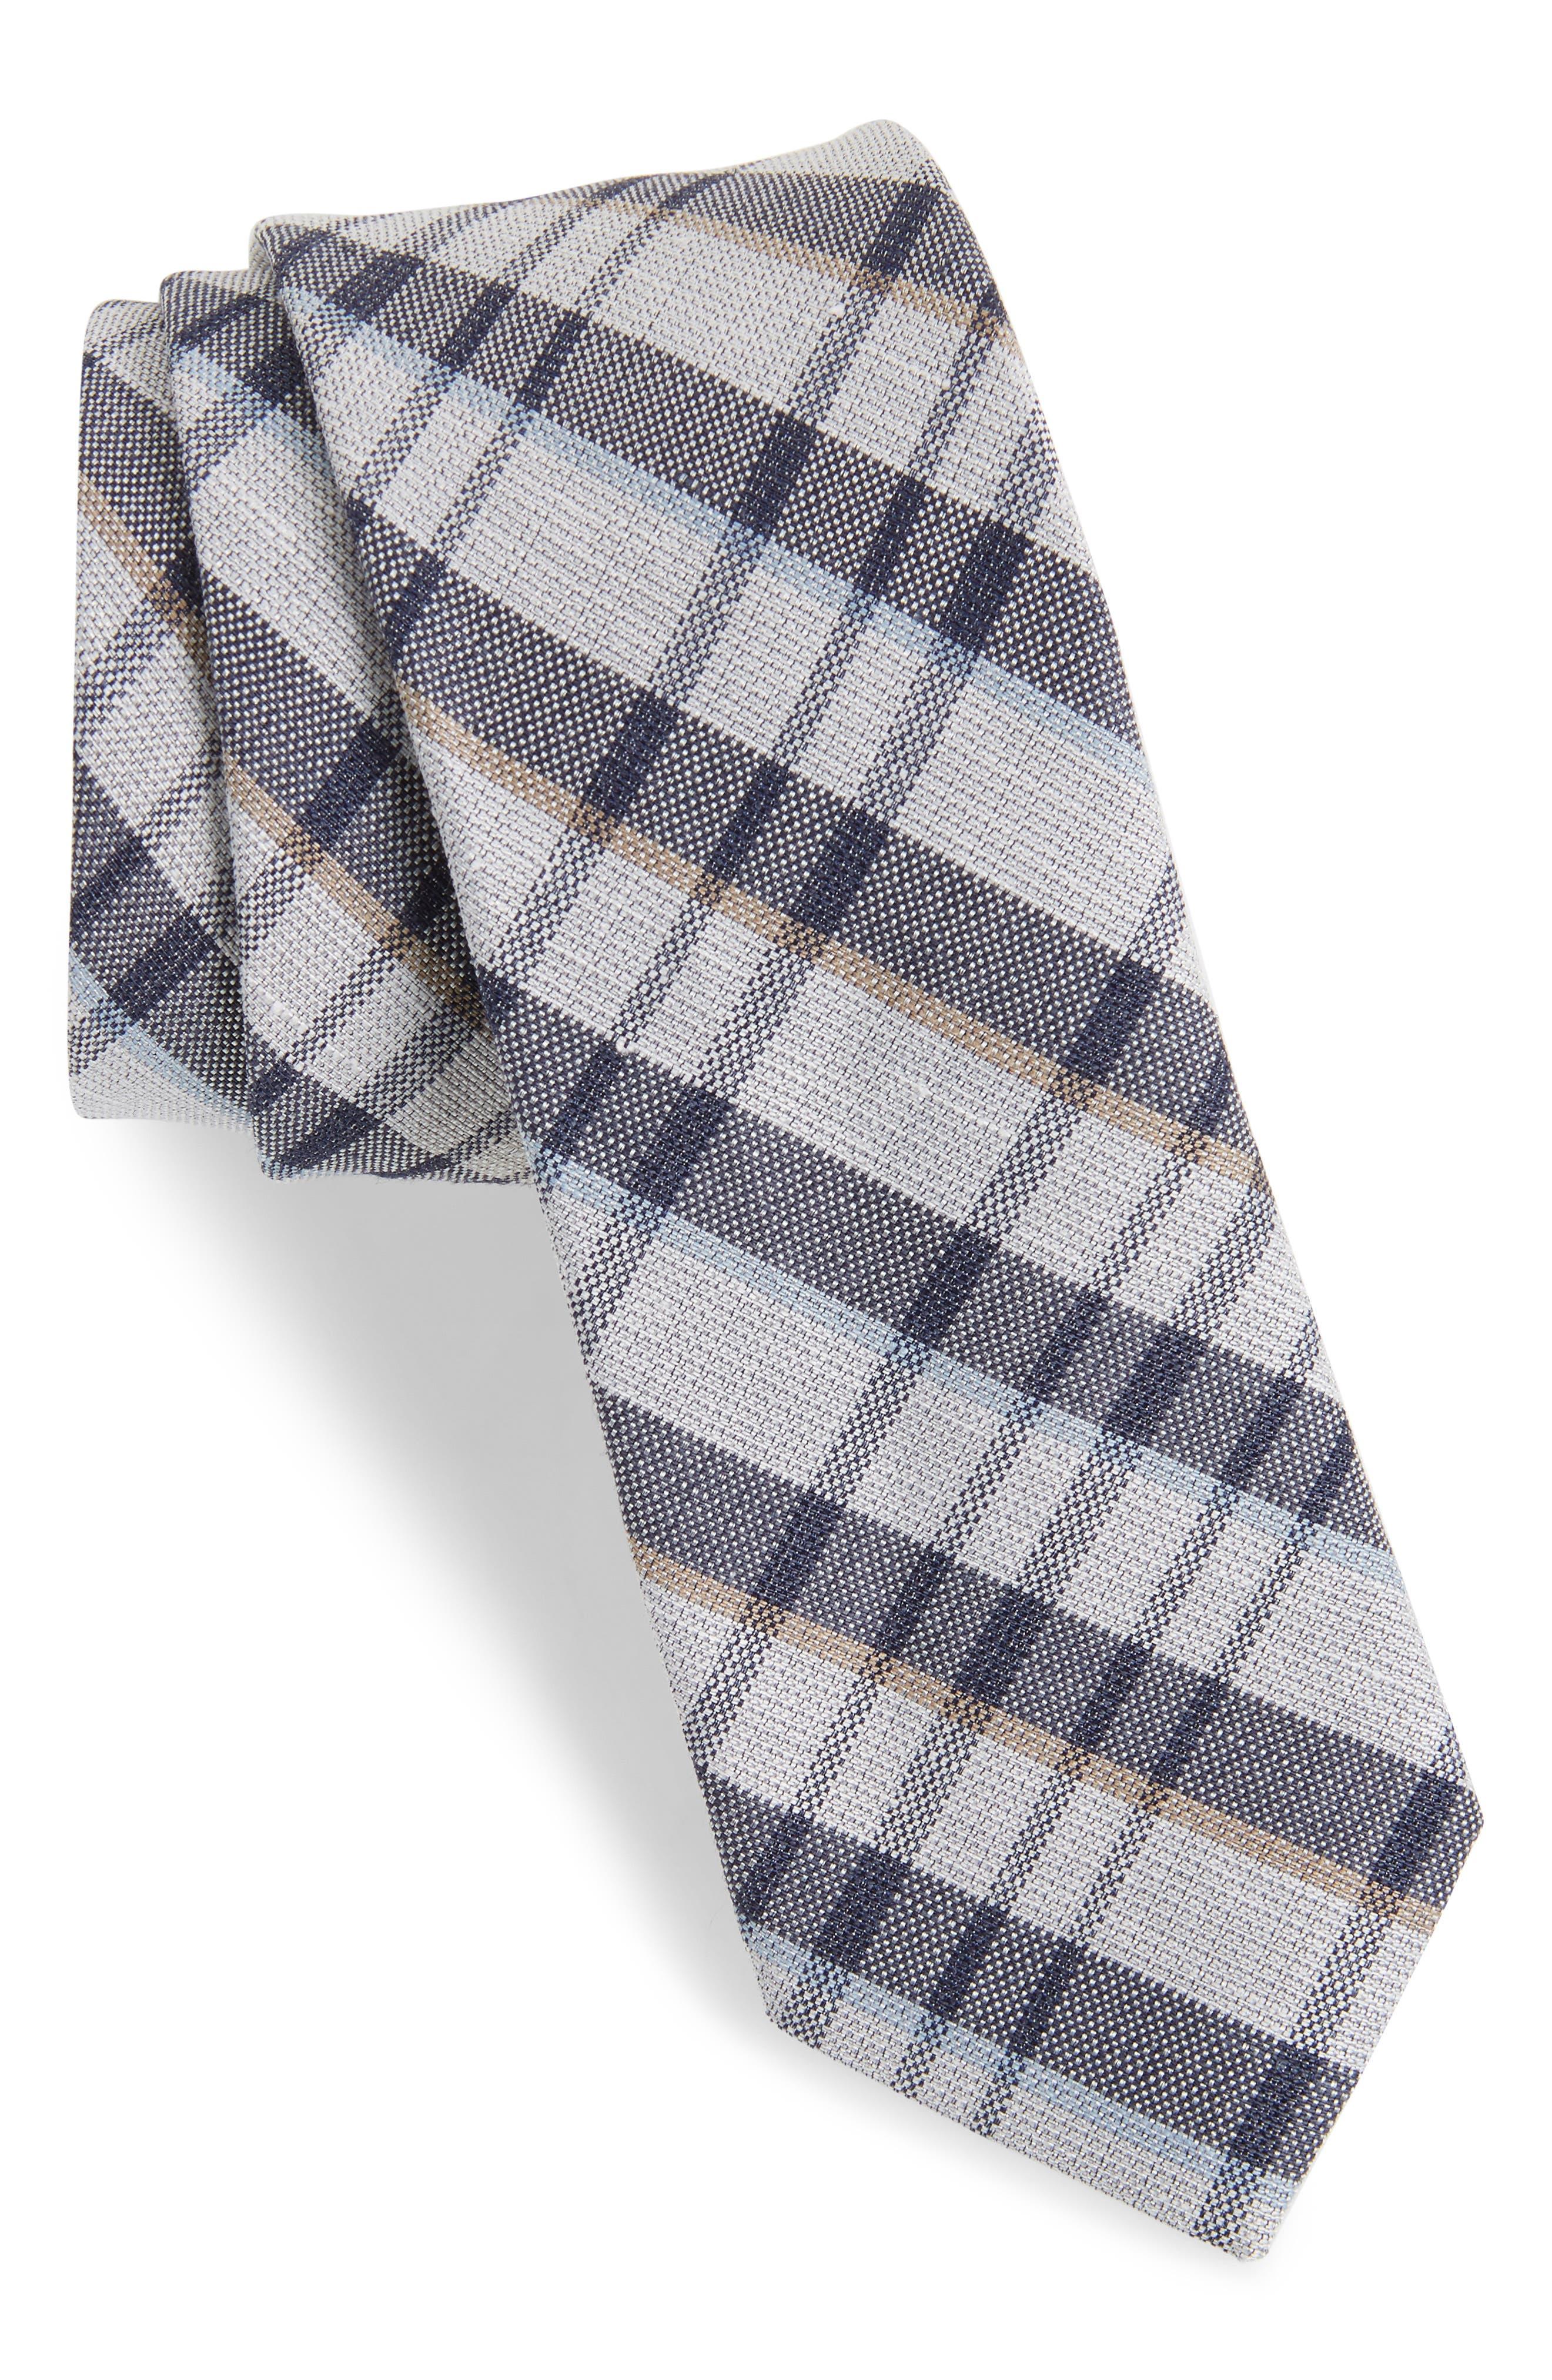 Duffy Plaid Linen & Silk Tie,                         Main,                         color, 410